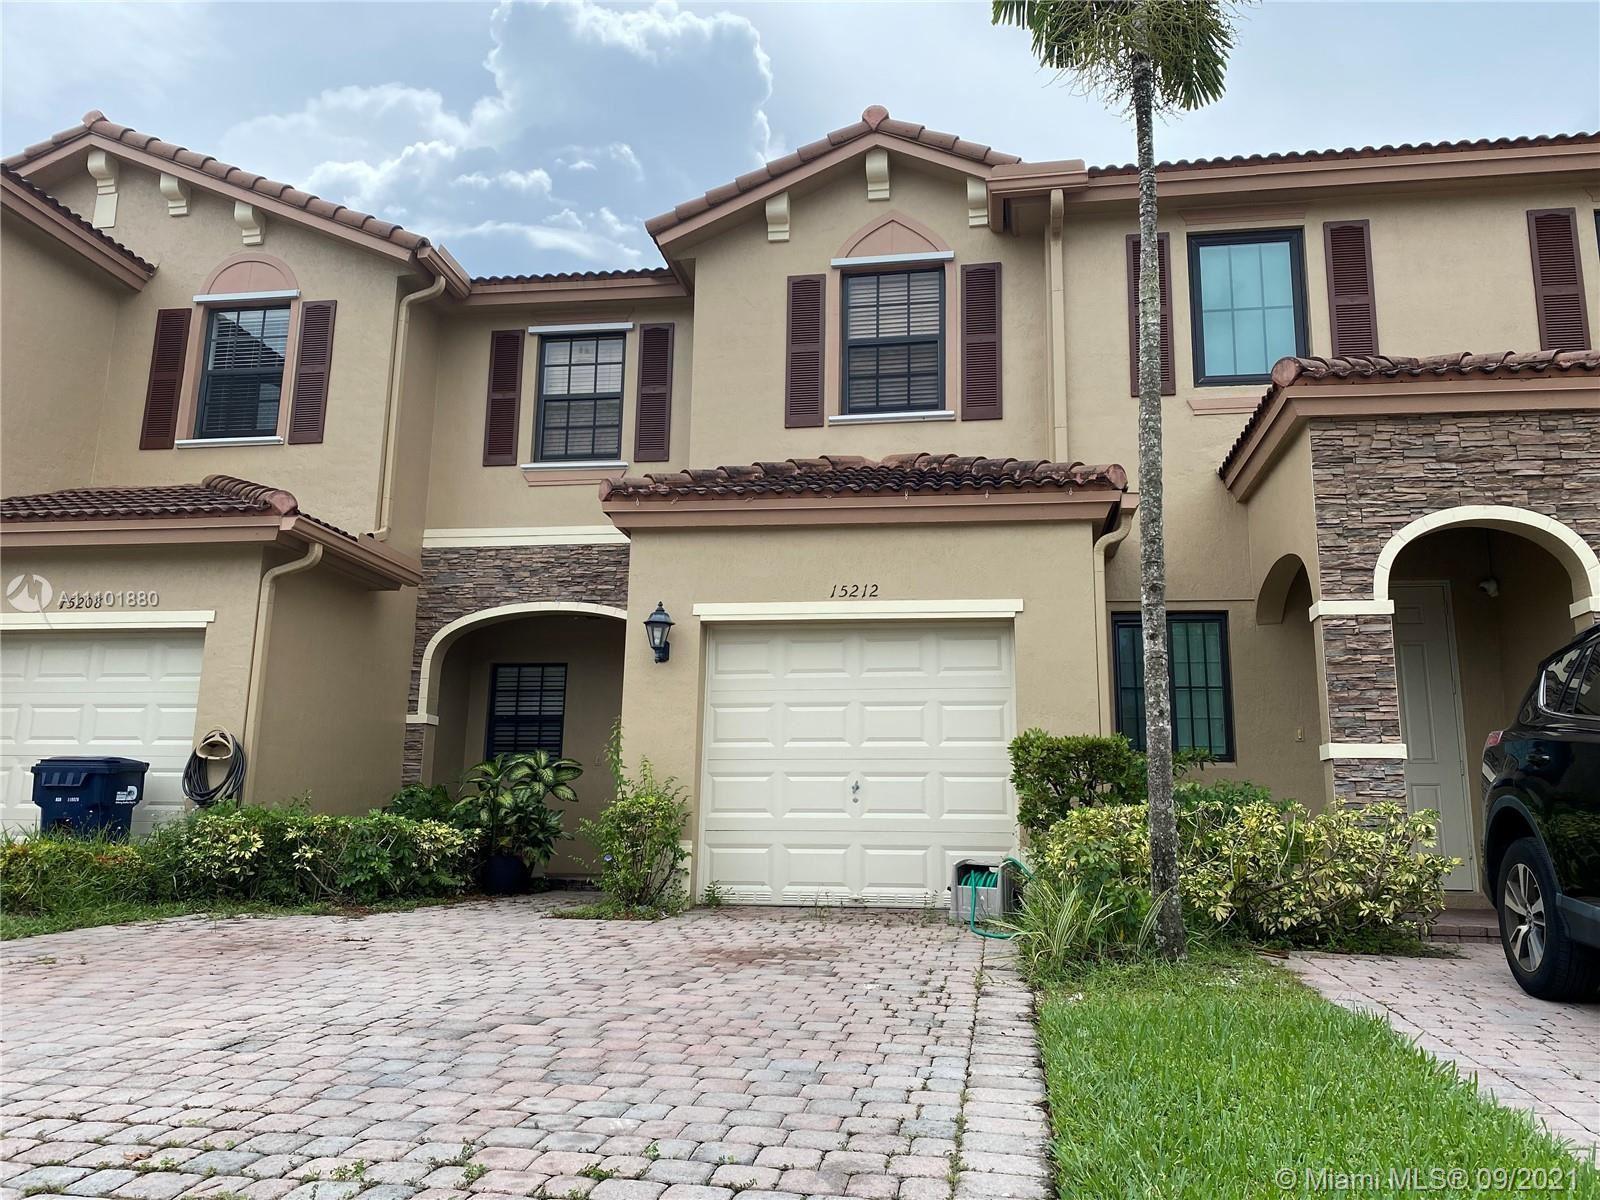 15212 SW 119th St #15212, Miami, FL 33196 - #: A11101880